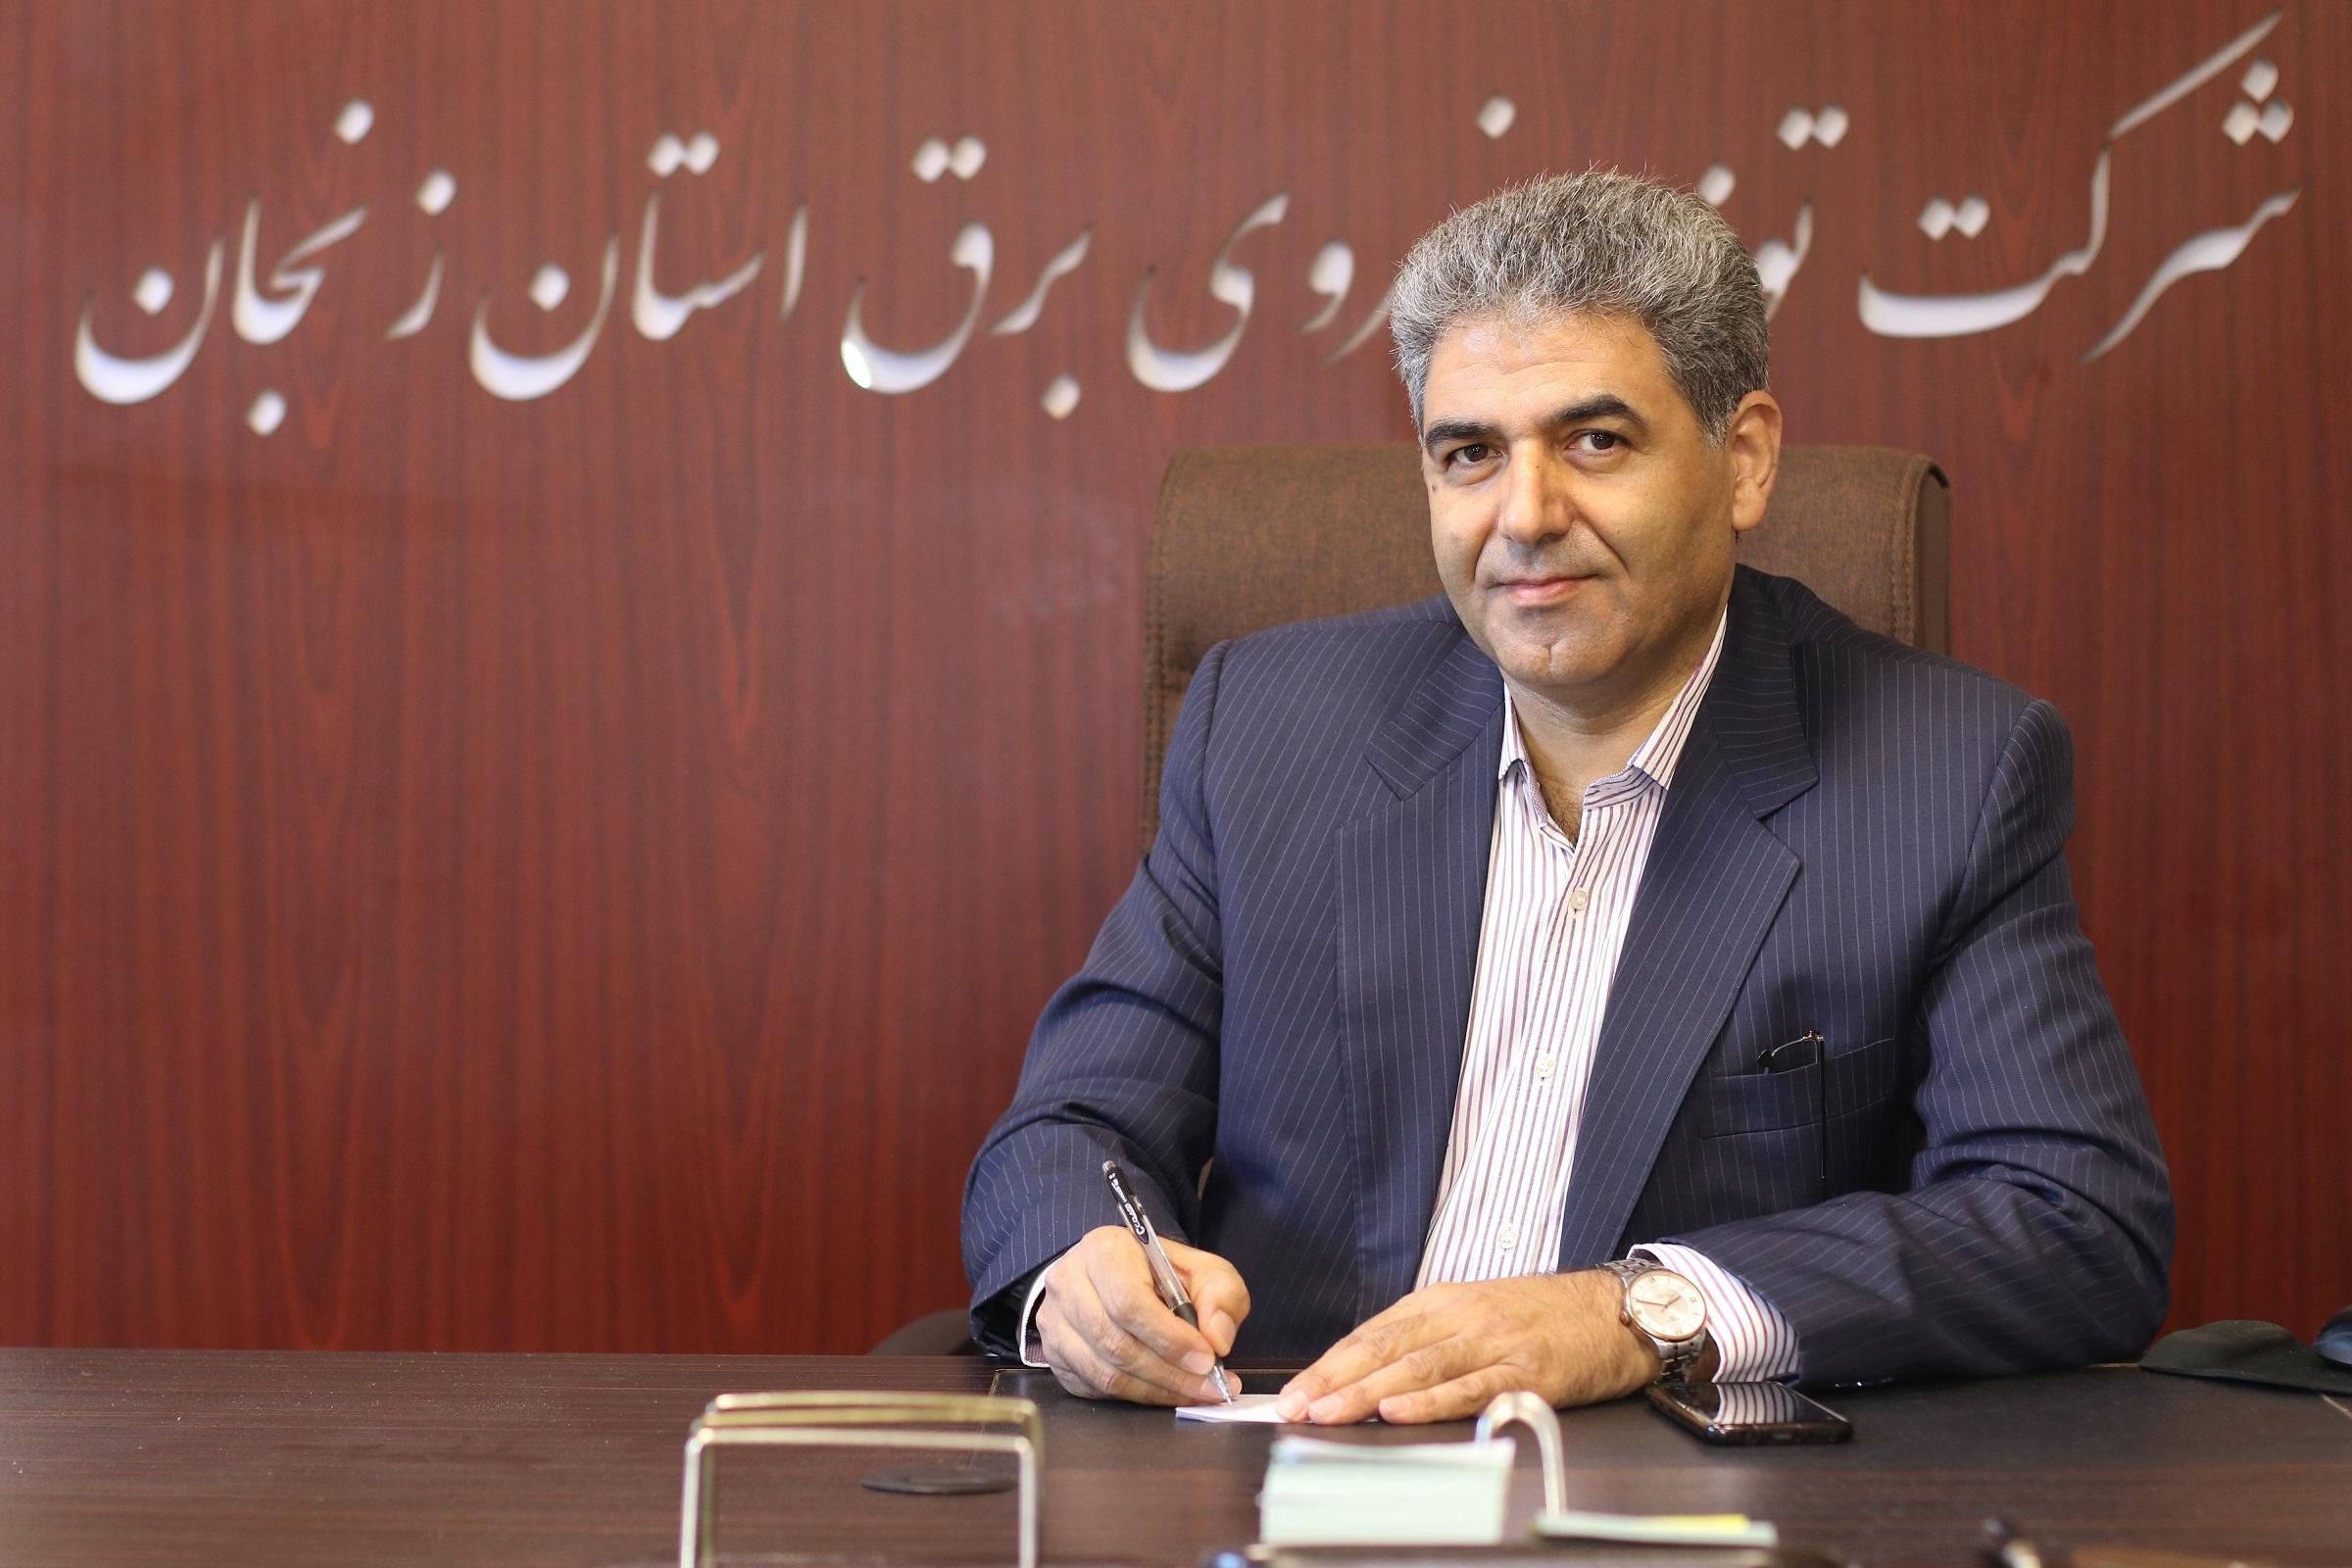 مدیرعامل شرکت توزیع برق استان:خدمات در شرکت توزیع برق زنجان غیرحضوری می شود/پرمصرف ها منتظر جریمه باشند